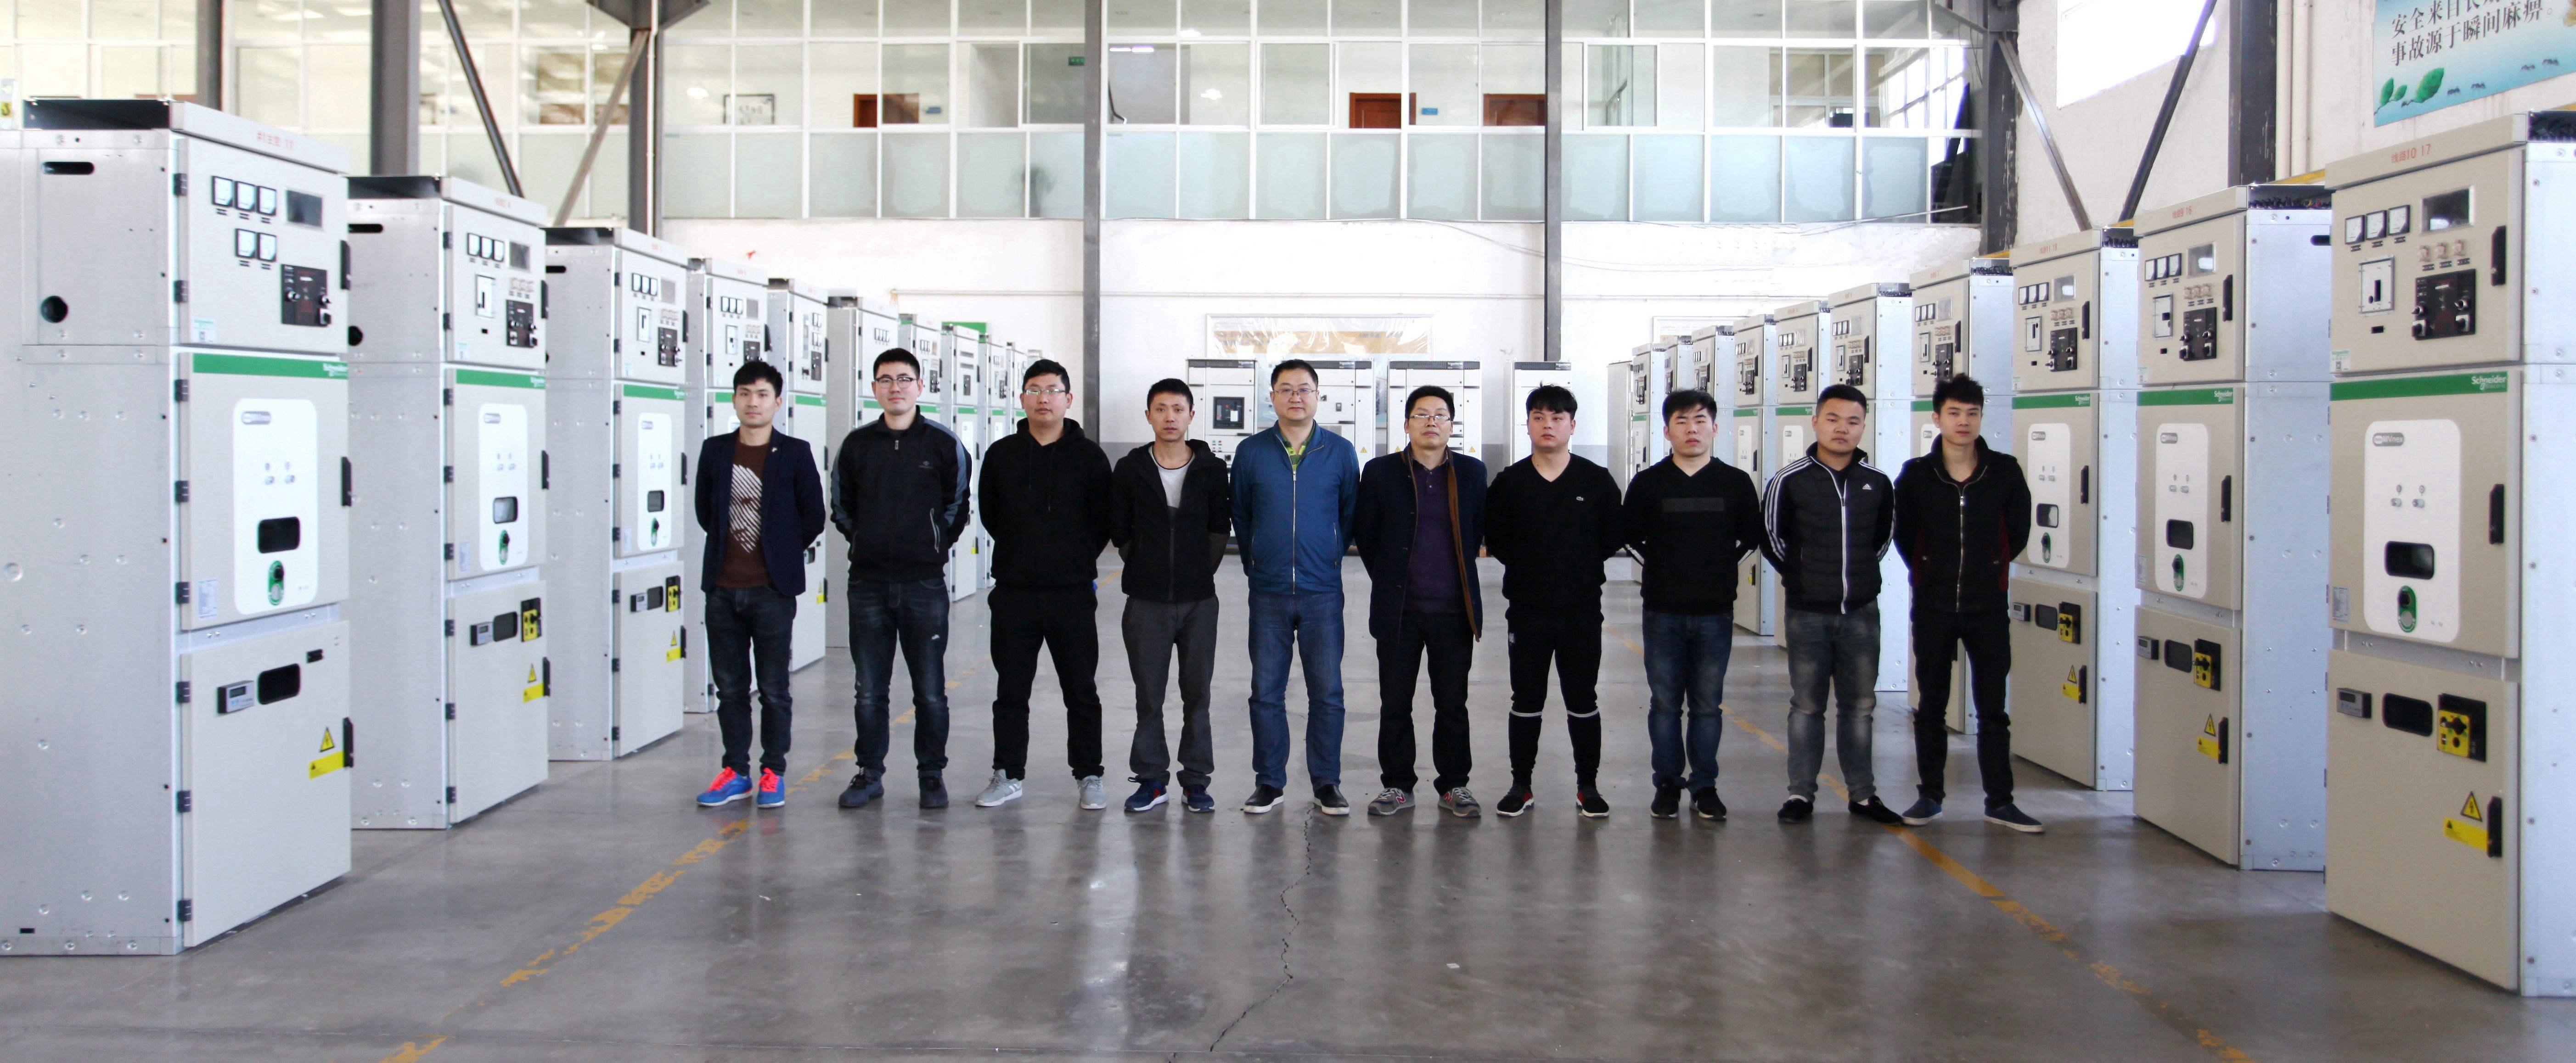 得润电气顺利生产完成江汽集团星瑞齿轮项目Mvnex中压开关柜